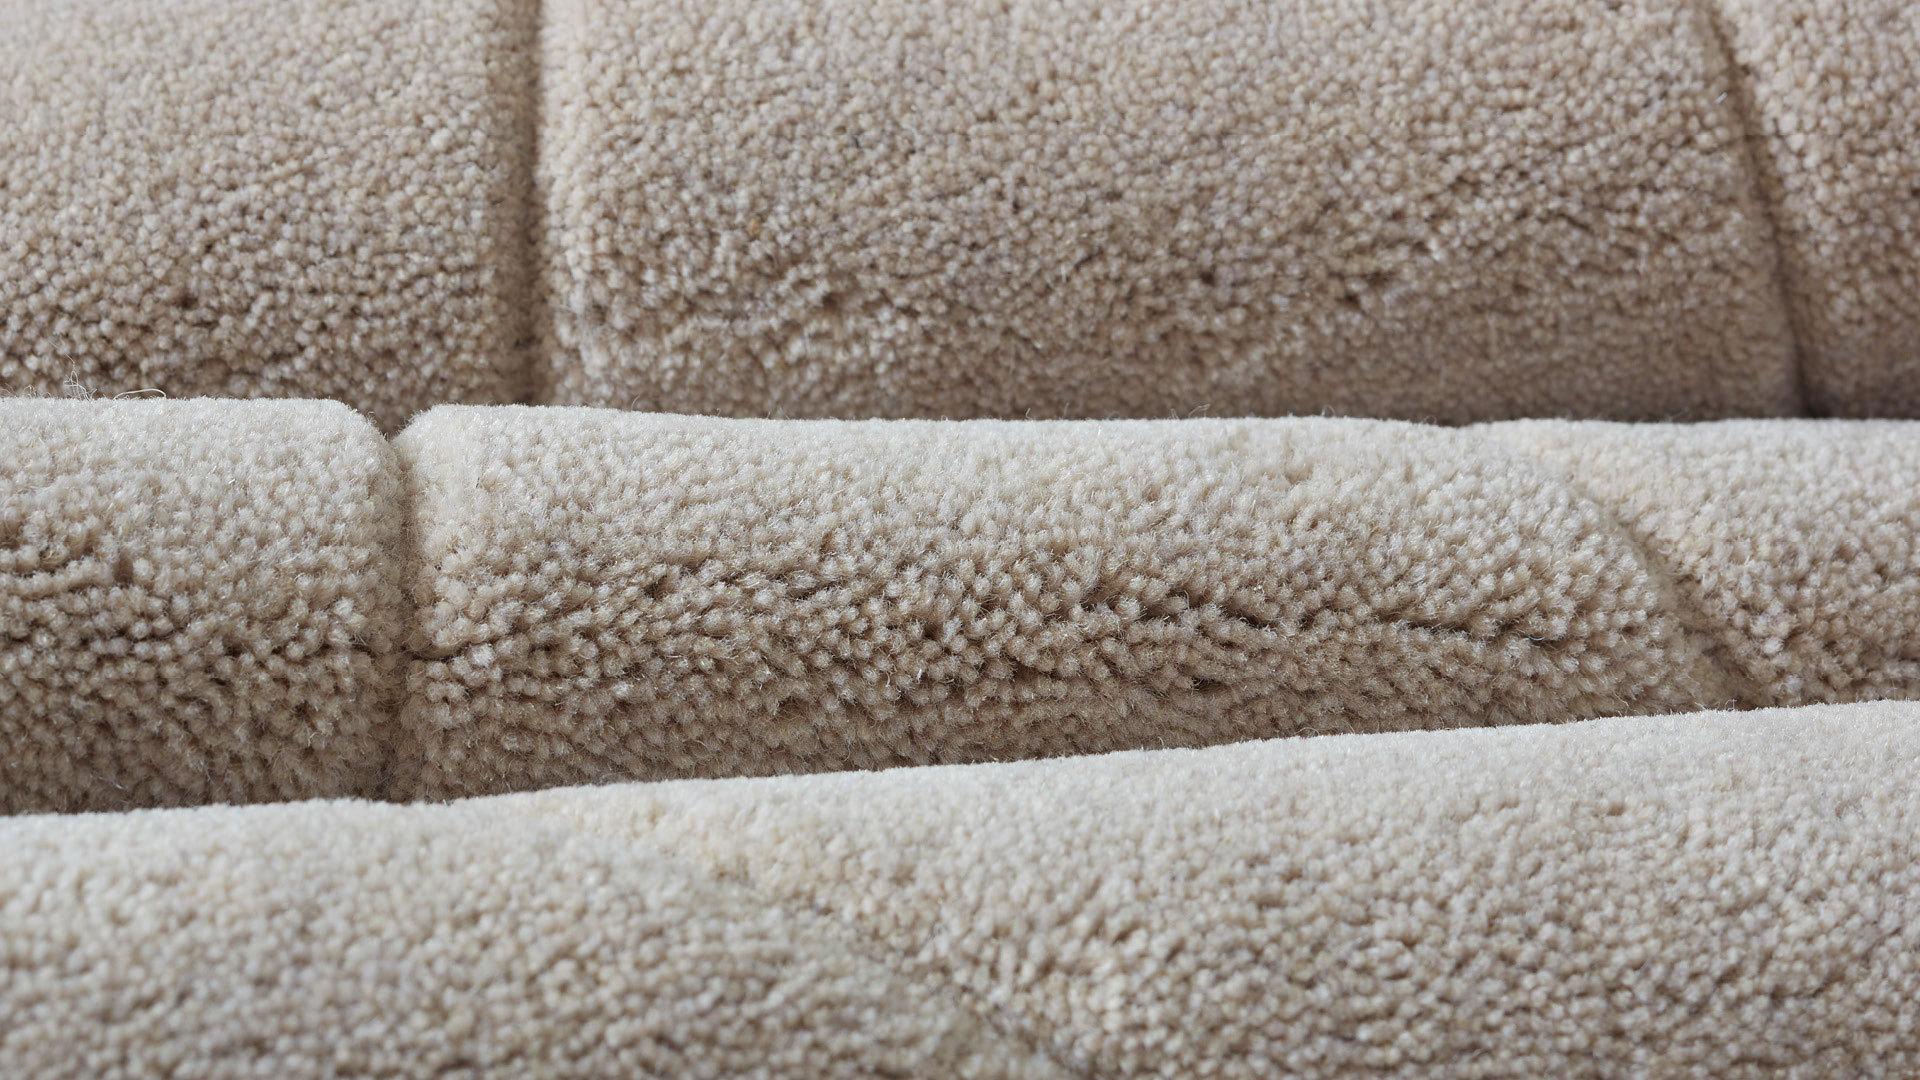 80%新西兰羊毛混纺,更持久耐用